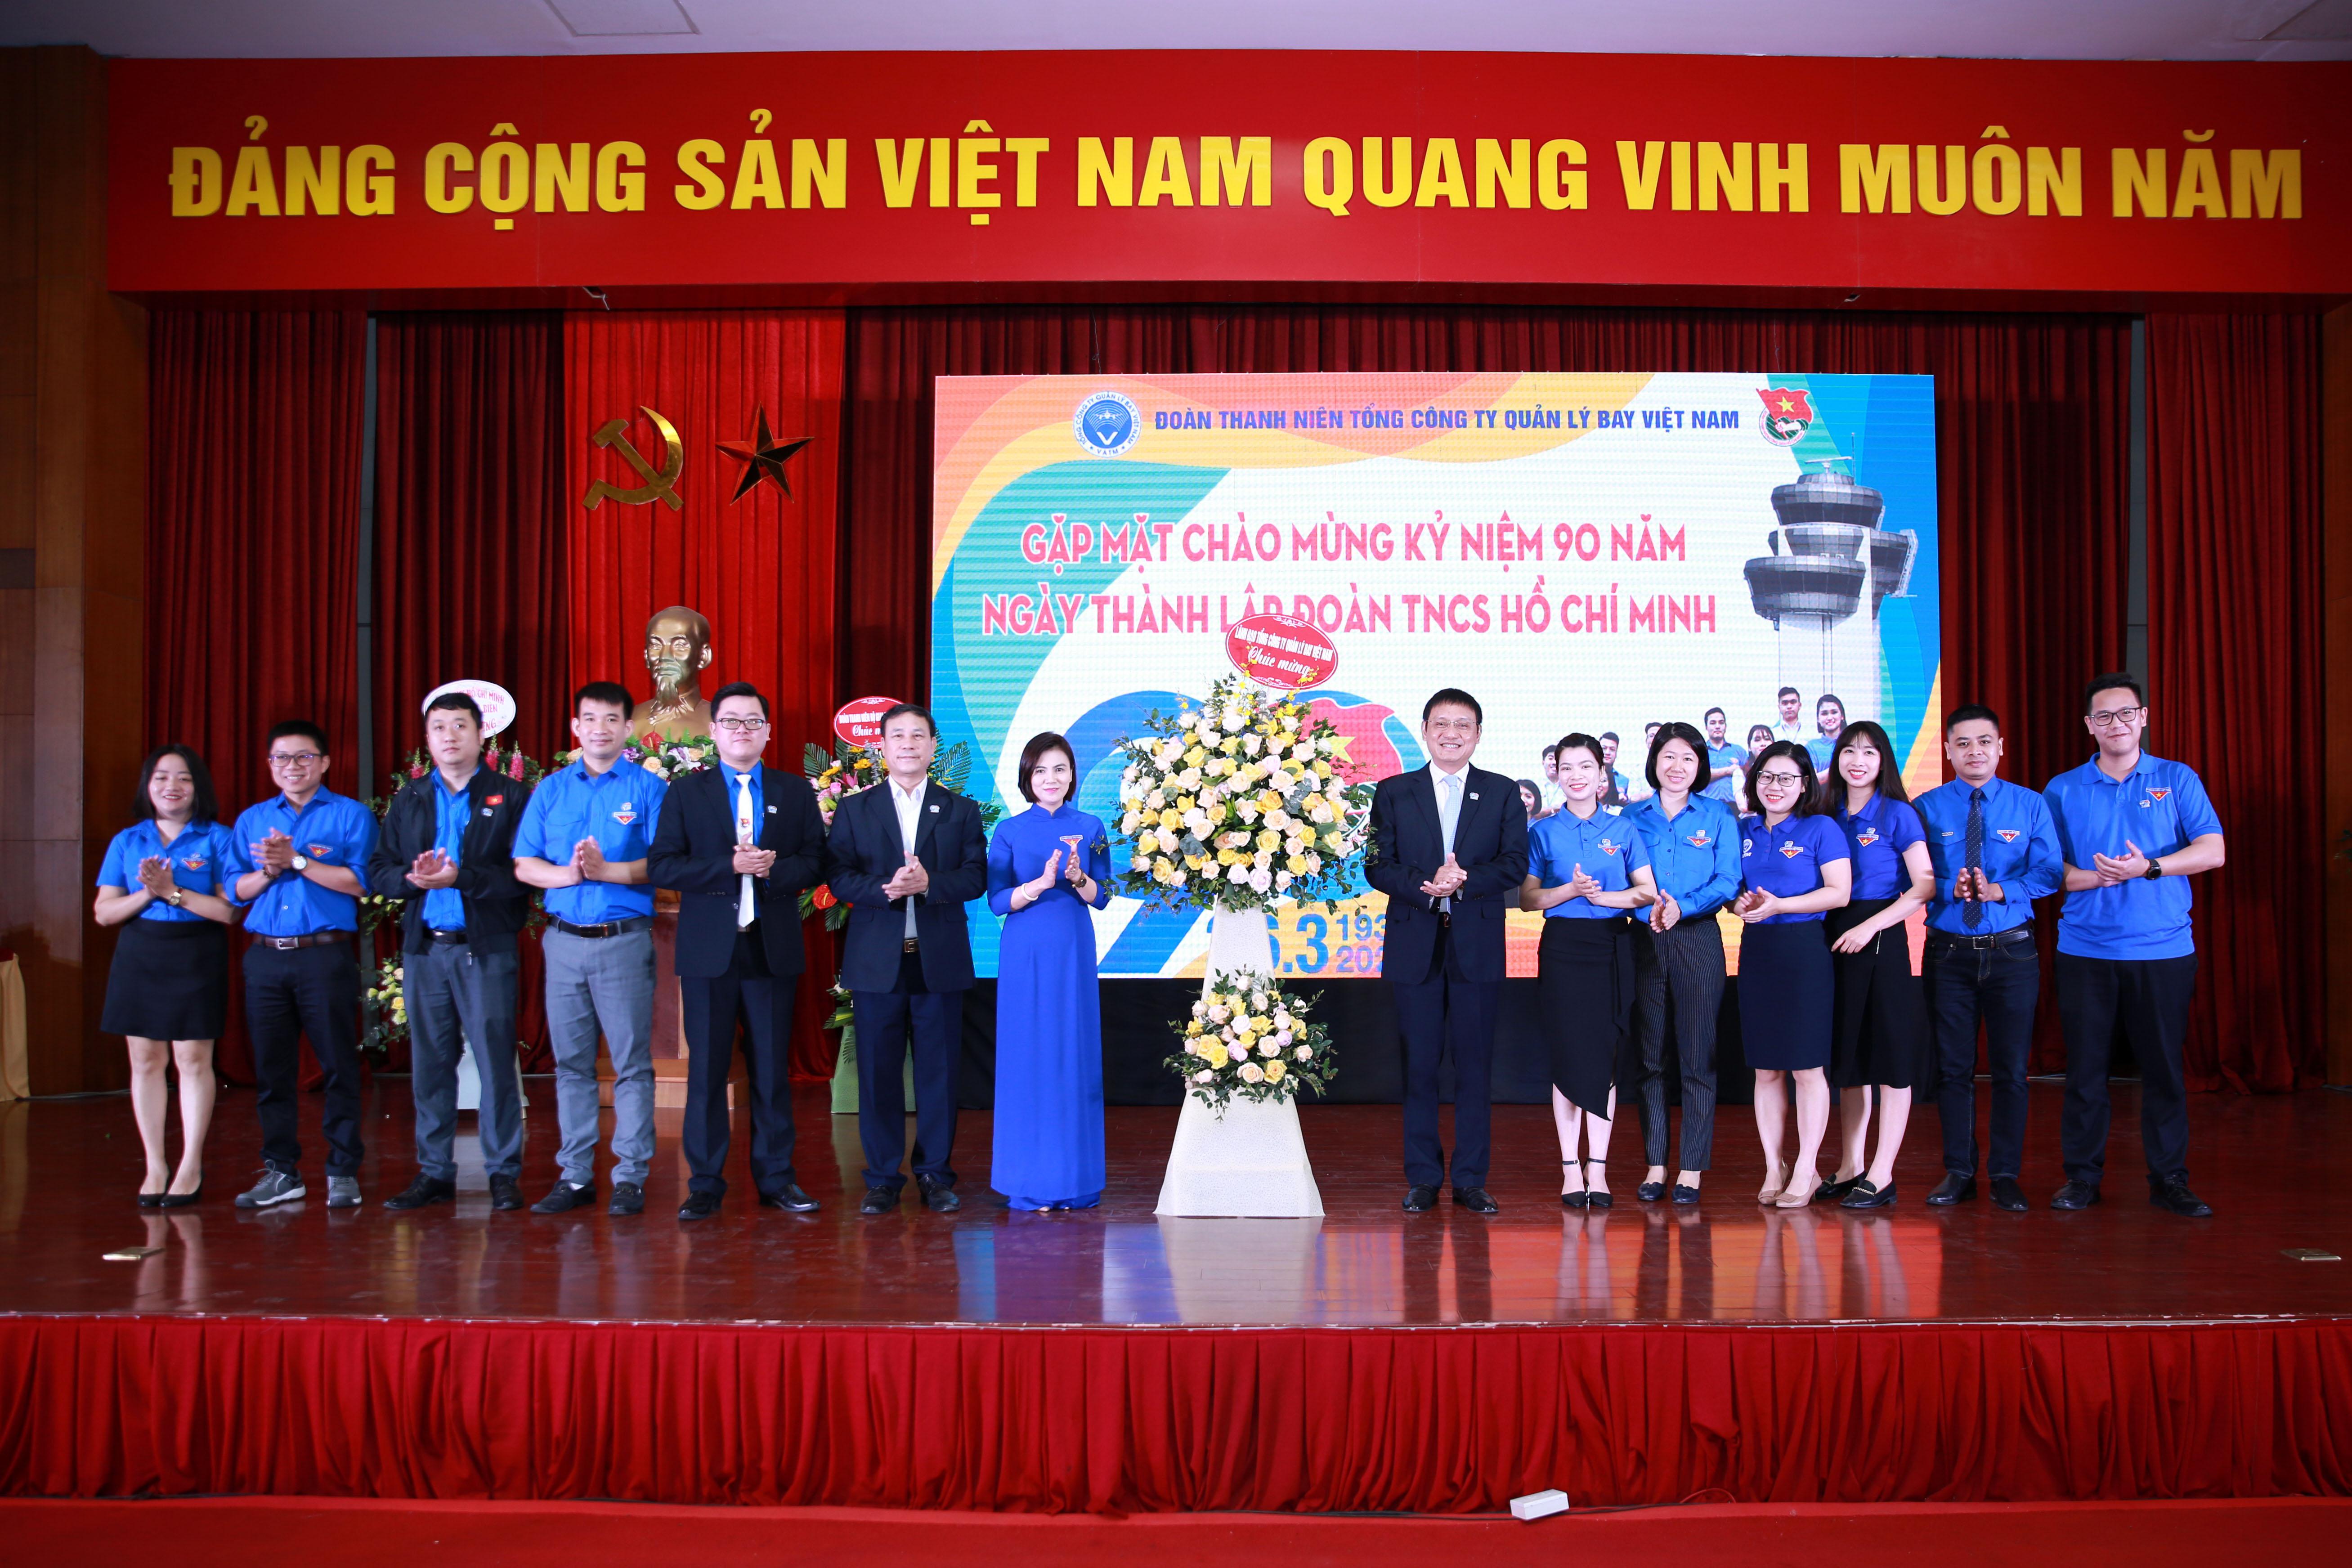 """Đoàn Thanh niên VATM: """"Chào mừng kỷ niệm 90 năm ngày thành lập Đoàn Thanh niên cộng sản Hồ Chí Minh"""" và """"Gặp mặt, đối thoại giữa Bí thư Đảng ủy Tổng công ty với đoàn viên thanh niên"""""""